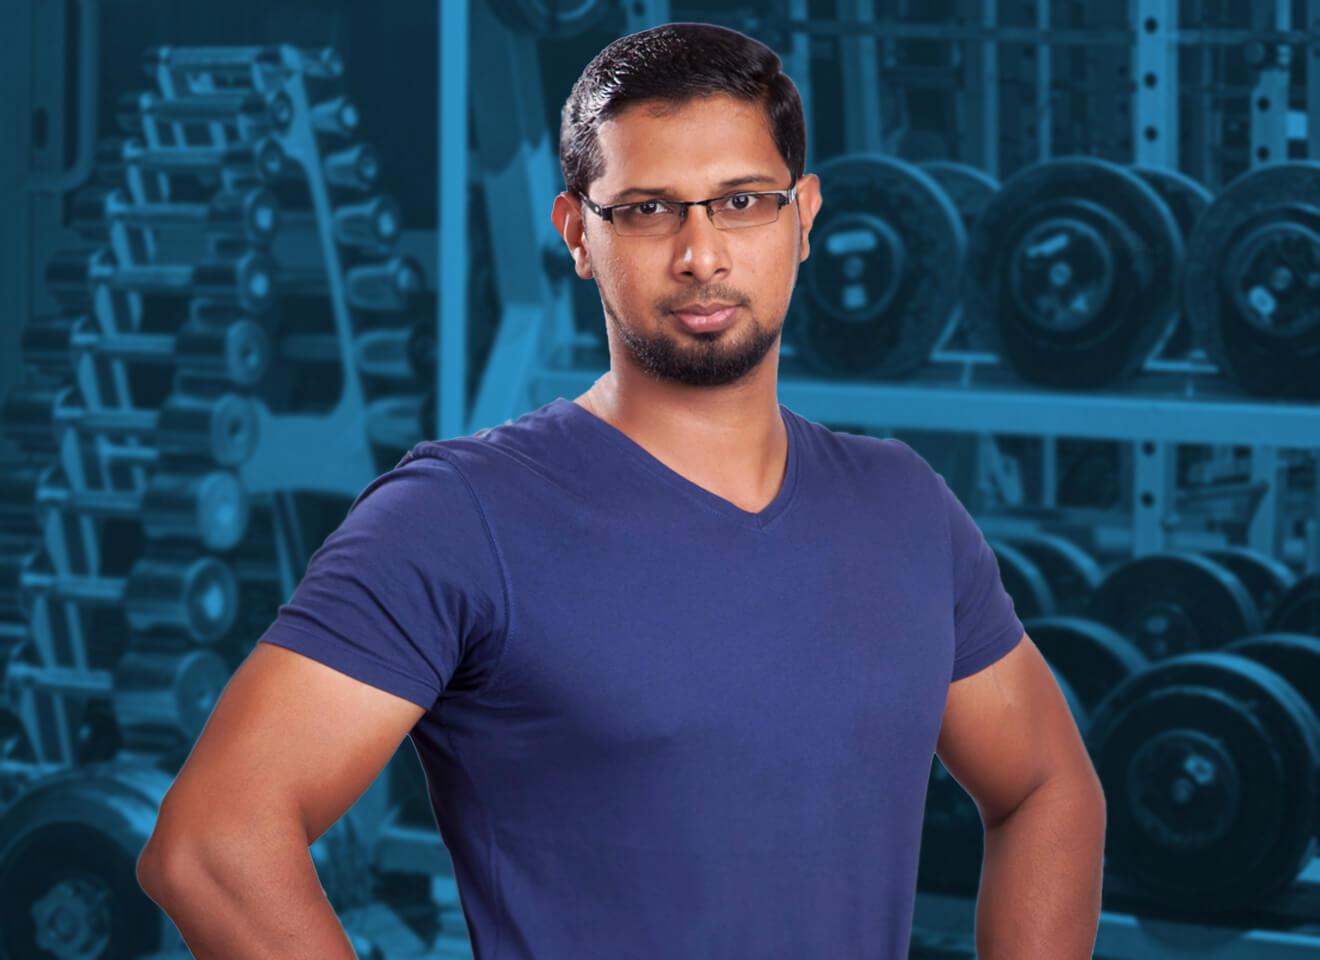 Abdulahad Gulbar